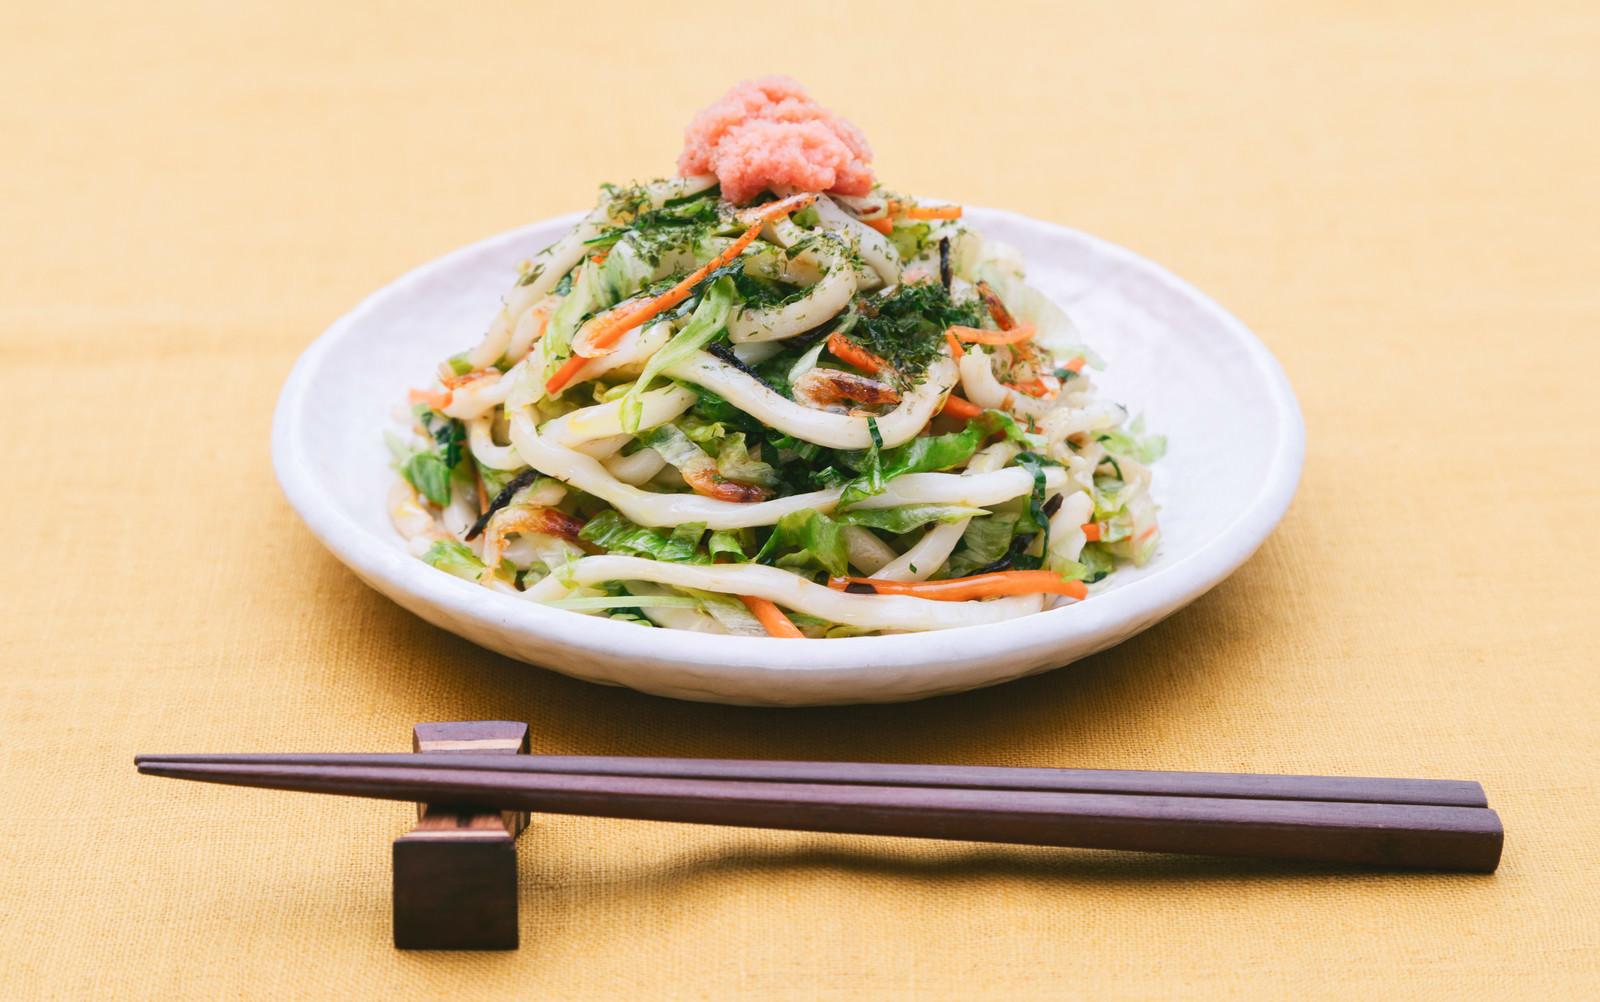 「野菜でかさ増し食べて満足!「大盛りダイエット焼きうどん 」」の写真